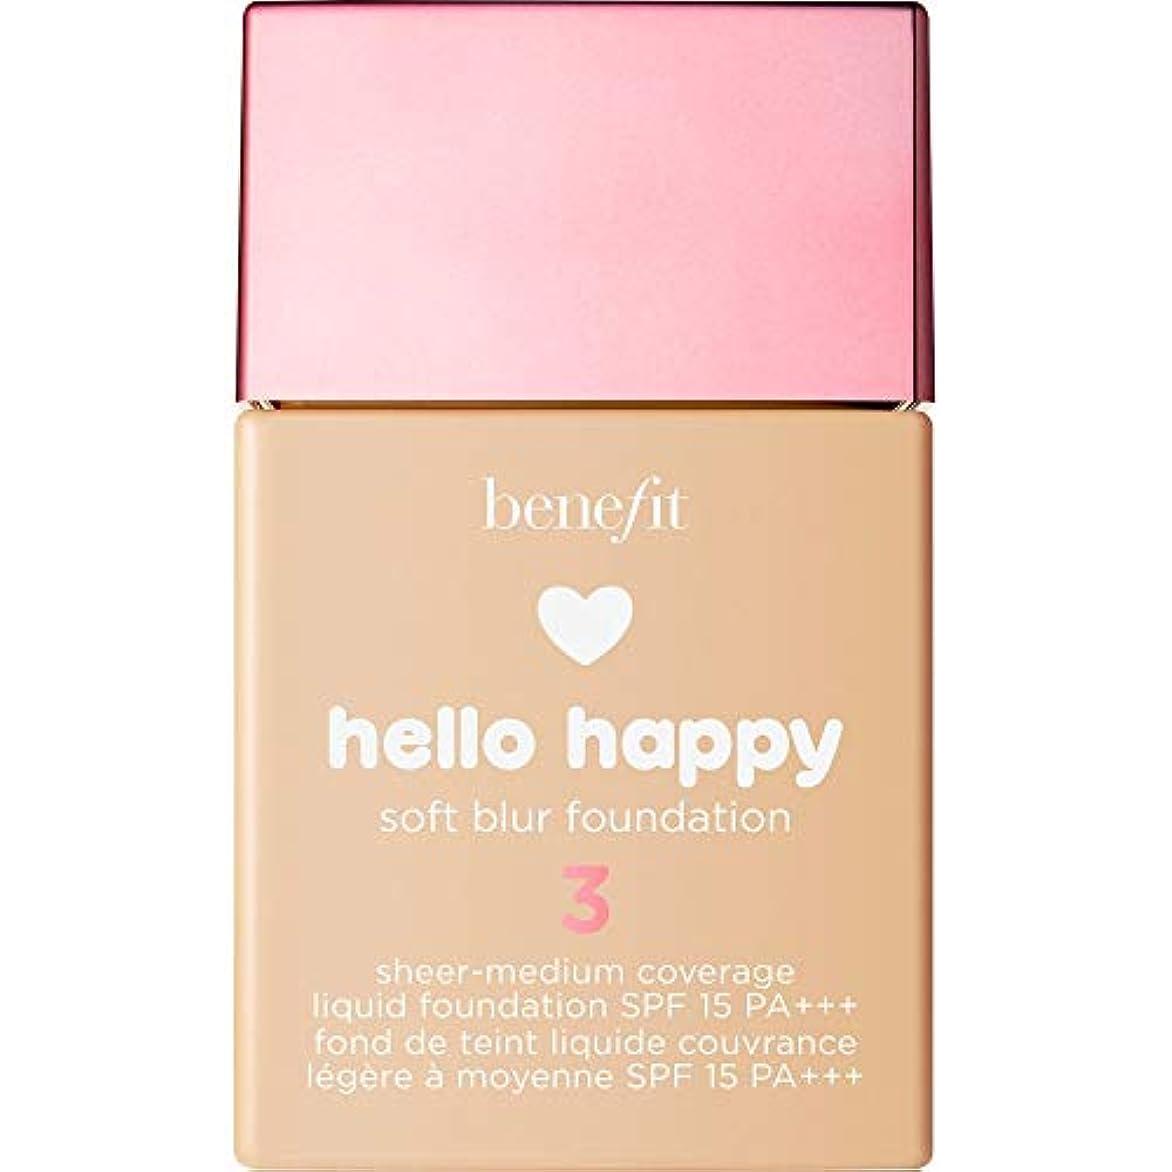 チューリップ楽しませるストロー[Benefit ] 利益こんにちは幸せなソフトブラー基礎Spf15 30ミリリットル3 - ニュートラルライト - Benefit Hello Happy Soft Blur Foundation SPF15 30ml...